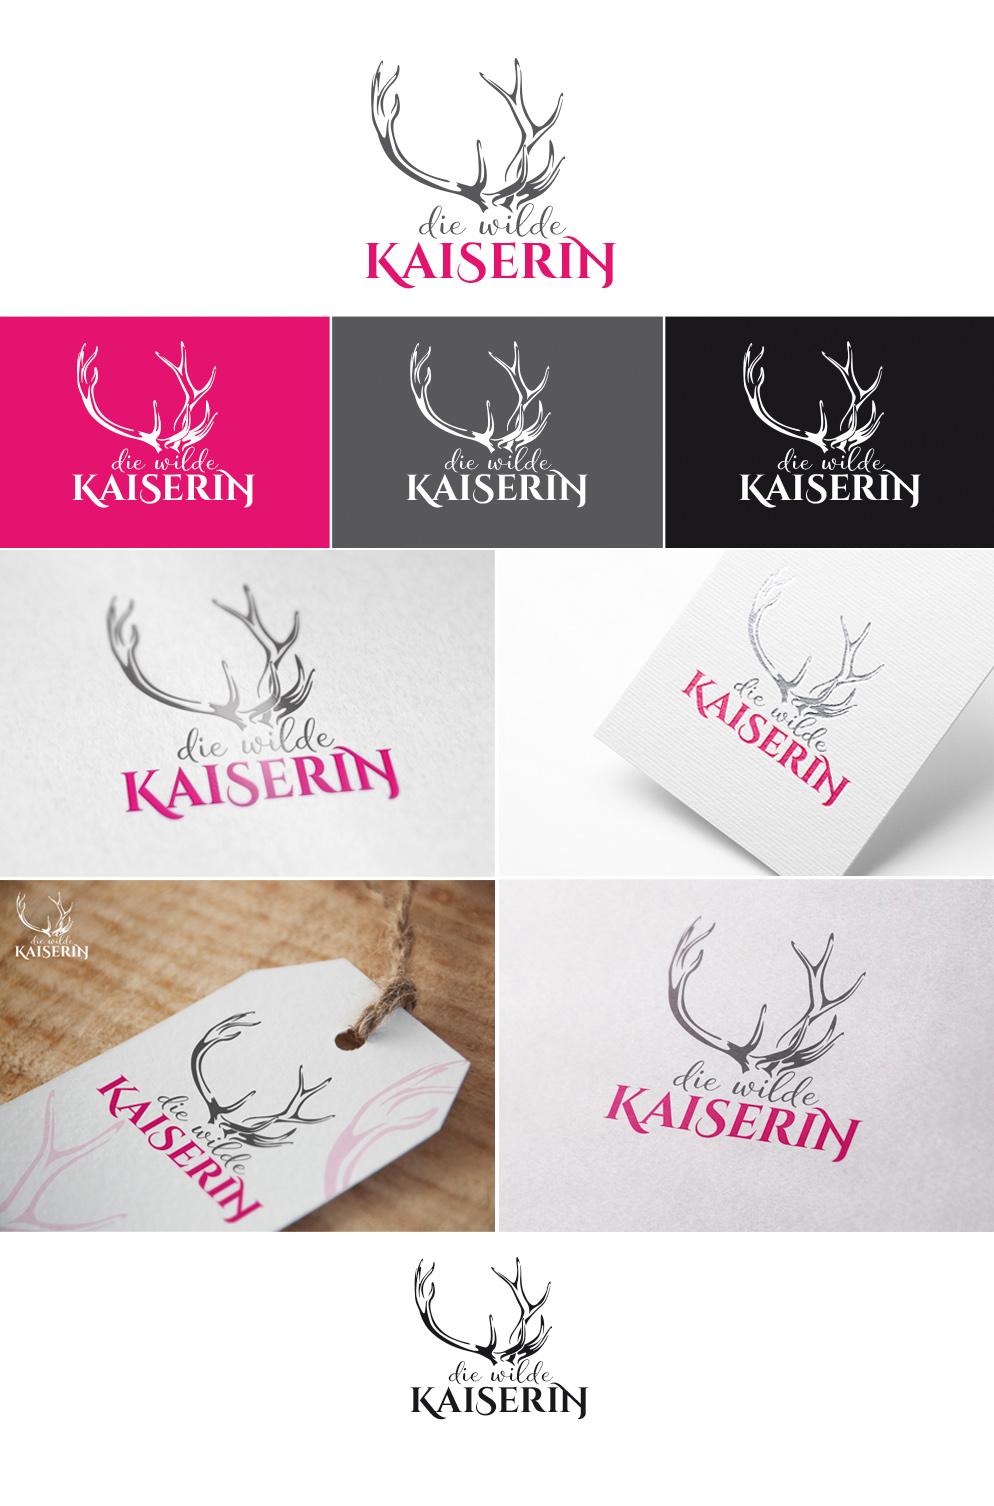 die wilde Kaiserin - Logogestaltung